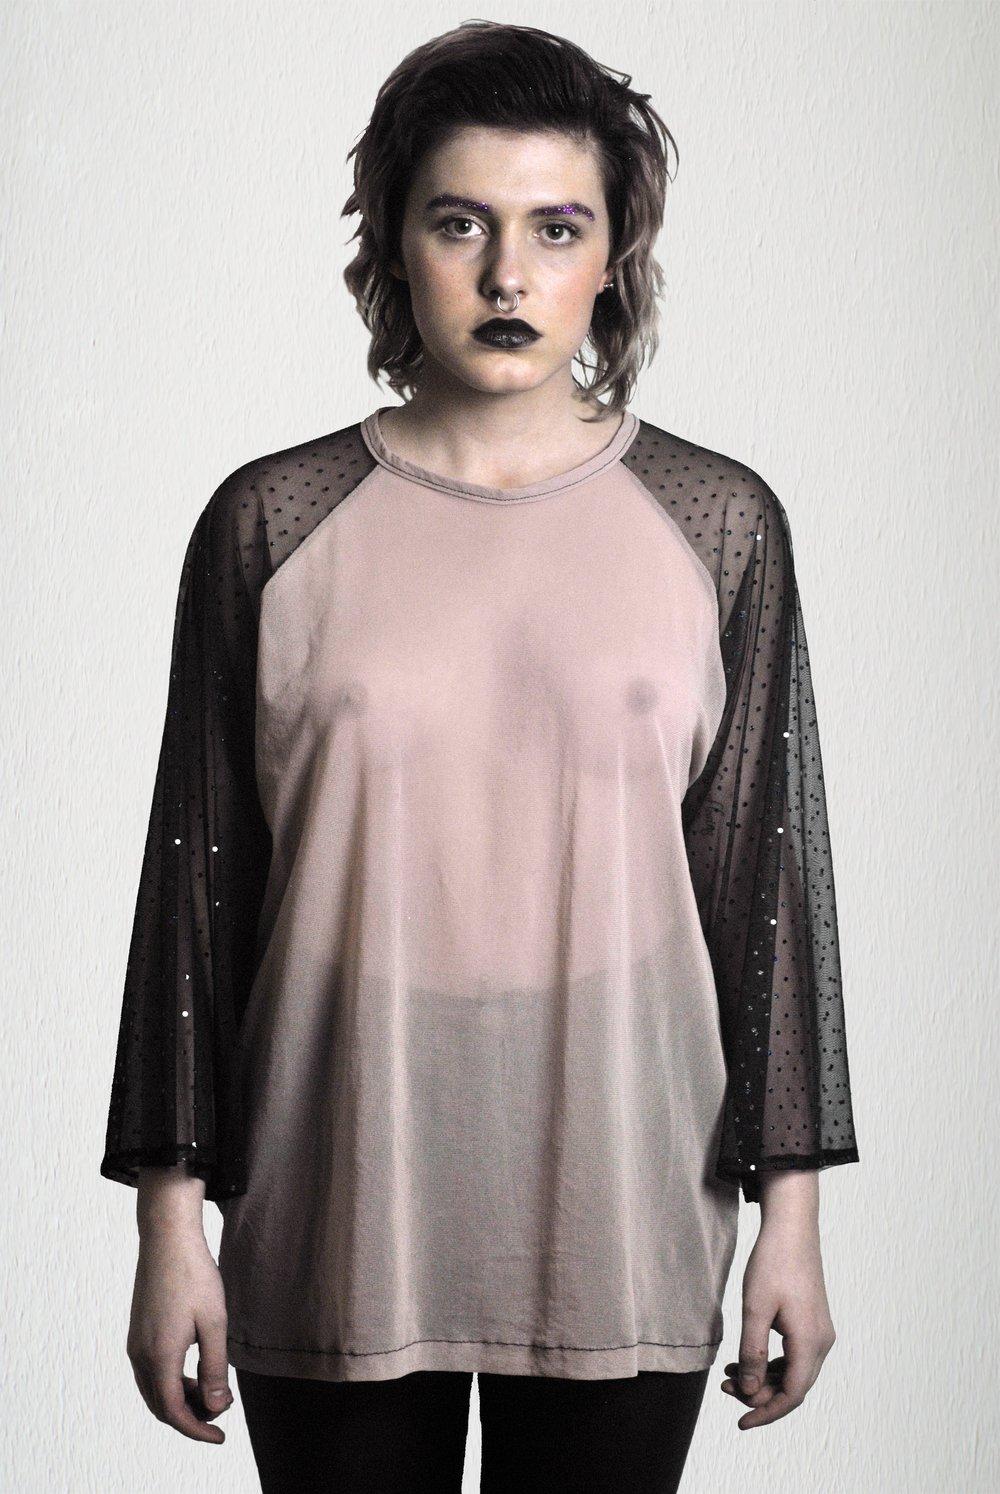 Image of Nova IX Mesh Long Sleeve T-Shirt